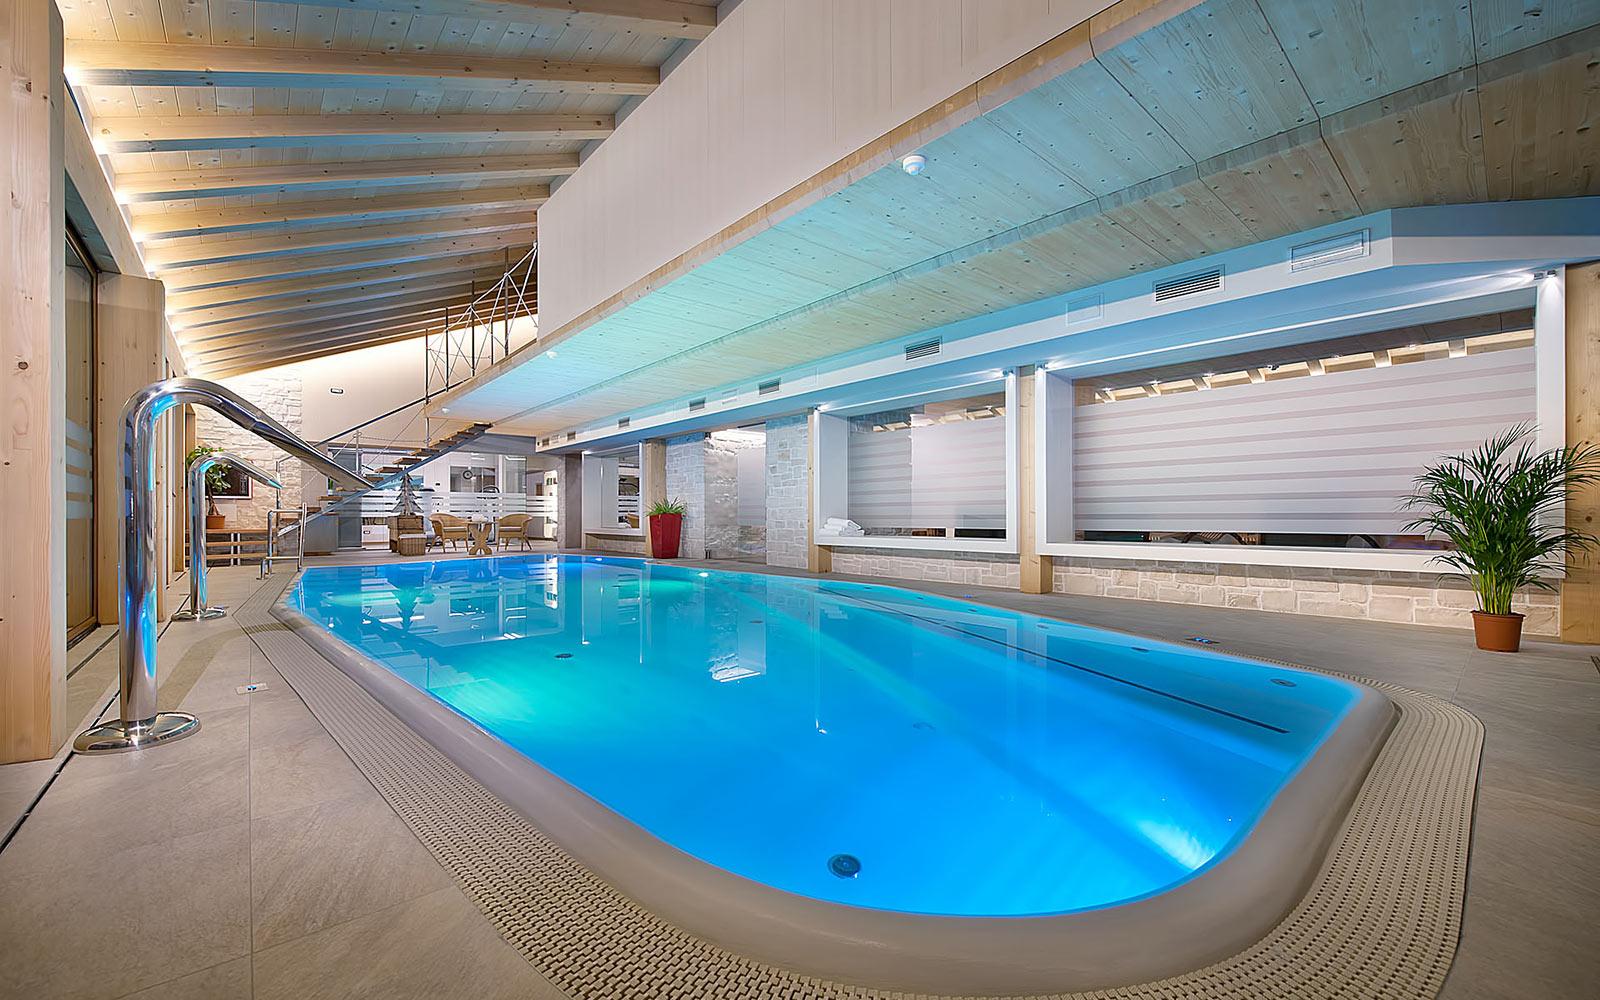 POOL <br>HOTEL AL BIVIO - LIVIGNO